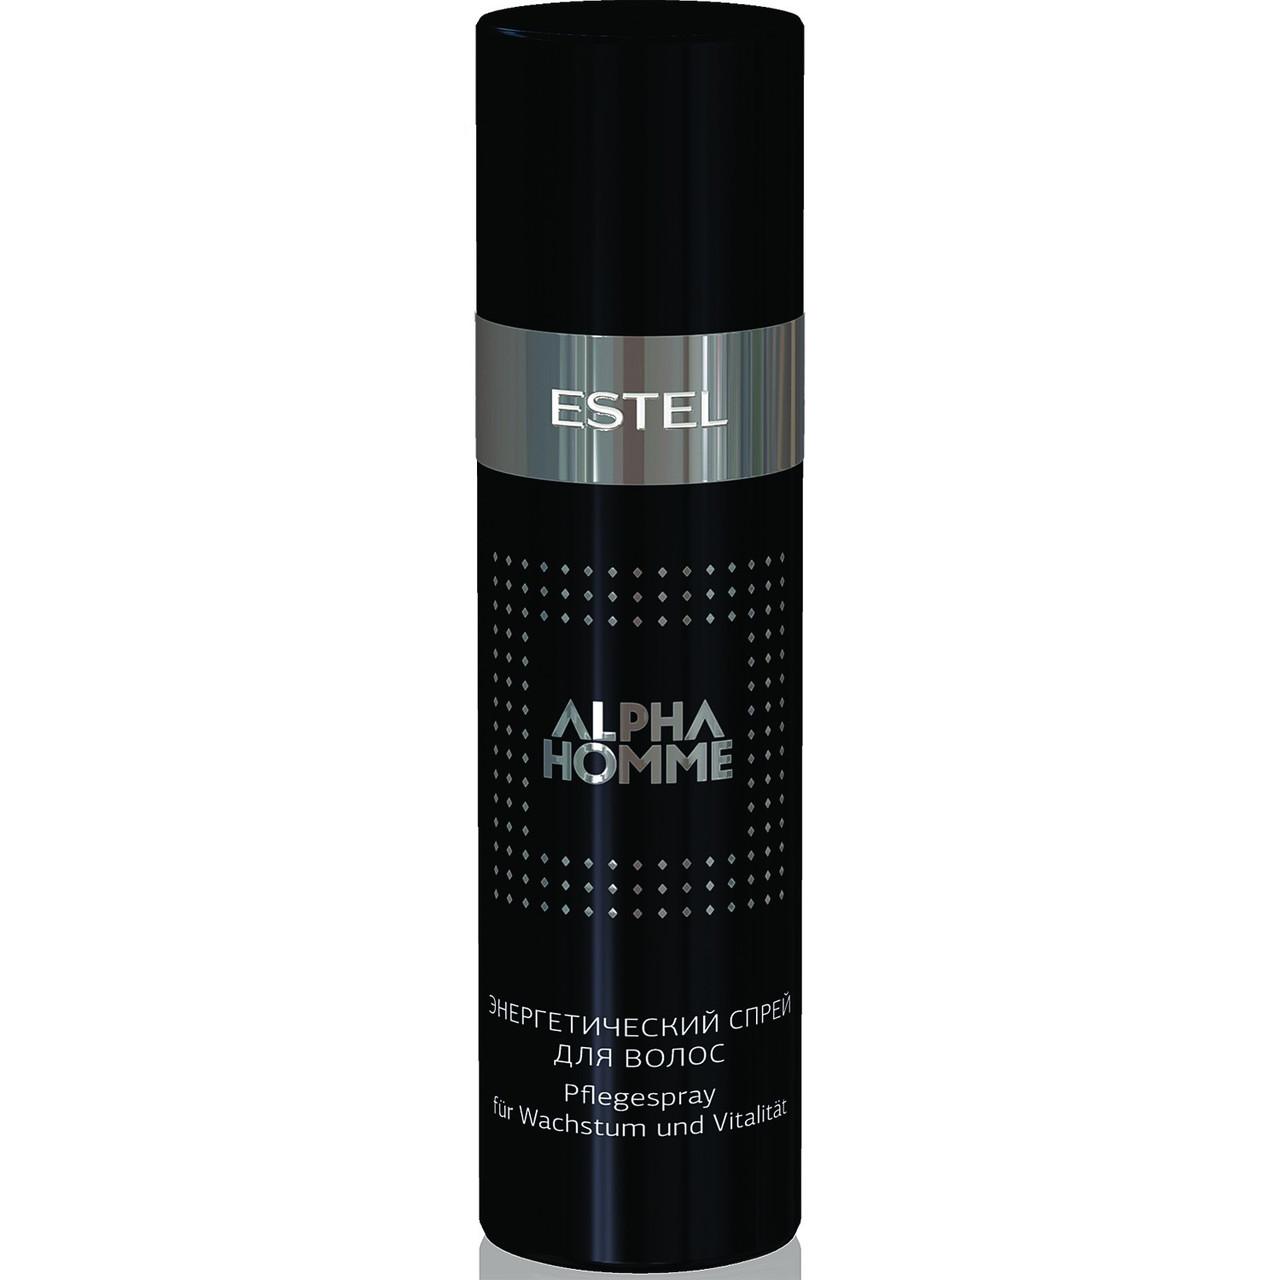 ALPHA HOMME - энергетический спрей для волос